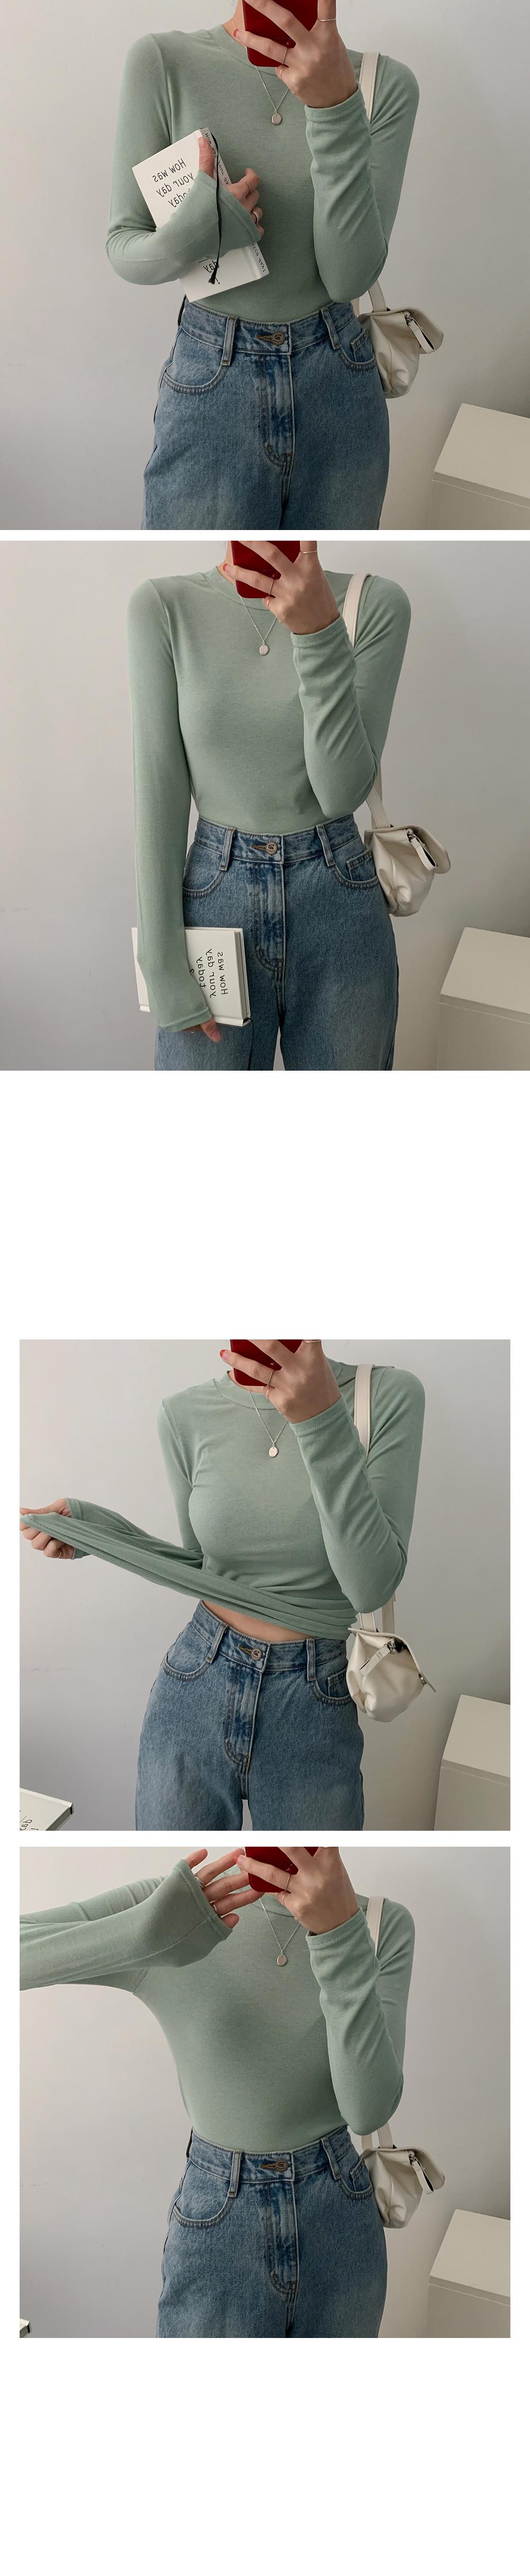 Melting Round Basic Inner Long Sleeve Tee